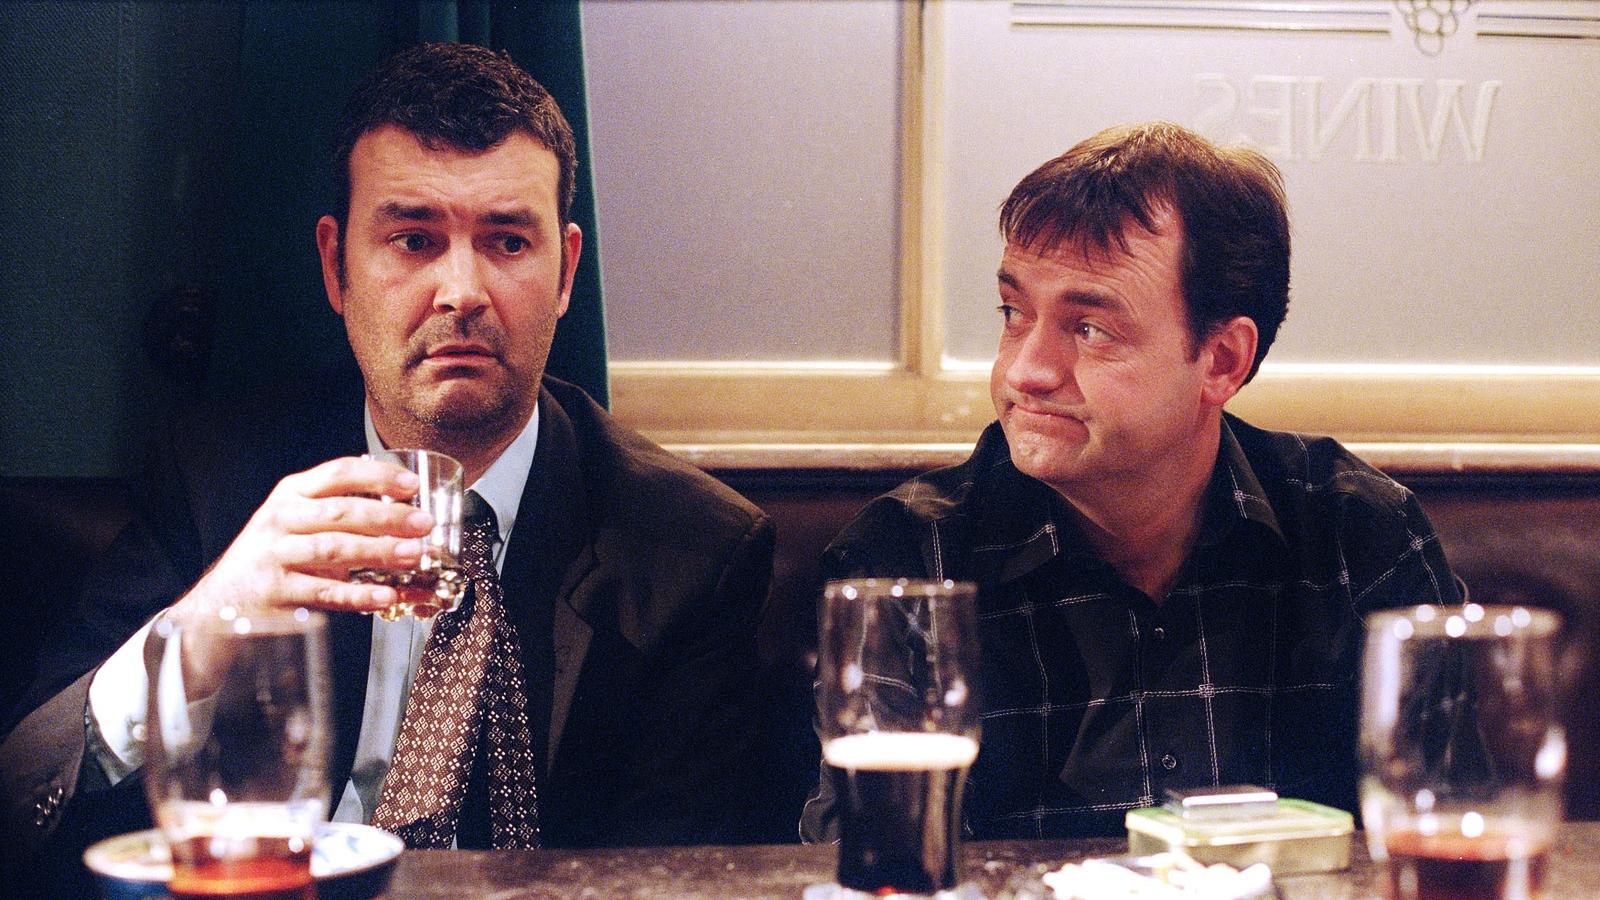 EARLY DOORS_EP4  sc 1 st  John Kell - WordPress.com & Ten underrated British sitcoms: #9 Early Doors | John Kell pezcame.com